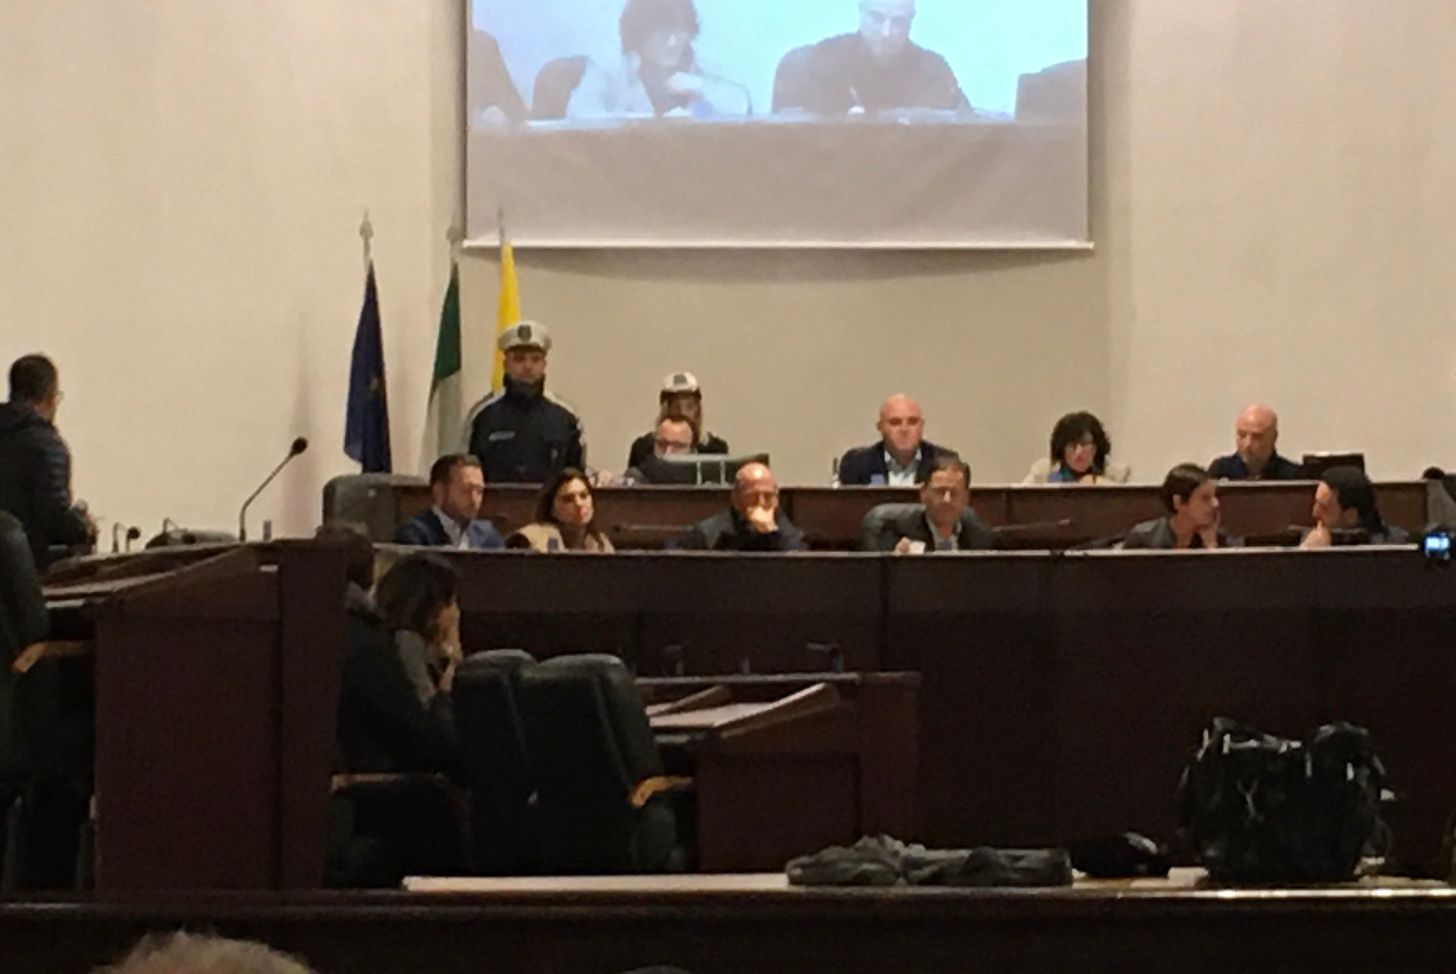 Mazara, il consiglio comunale ha votato la presa d'atto sulla presunta causa di incompatibilità dei consiglieri comunali Emmola e Pipitone per presunti debiti tributari locali